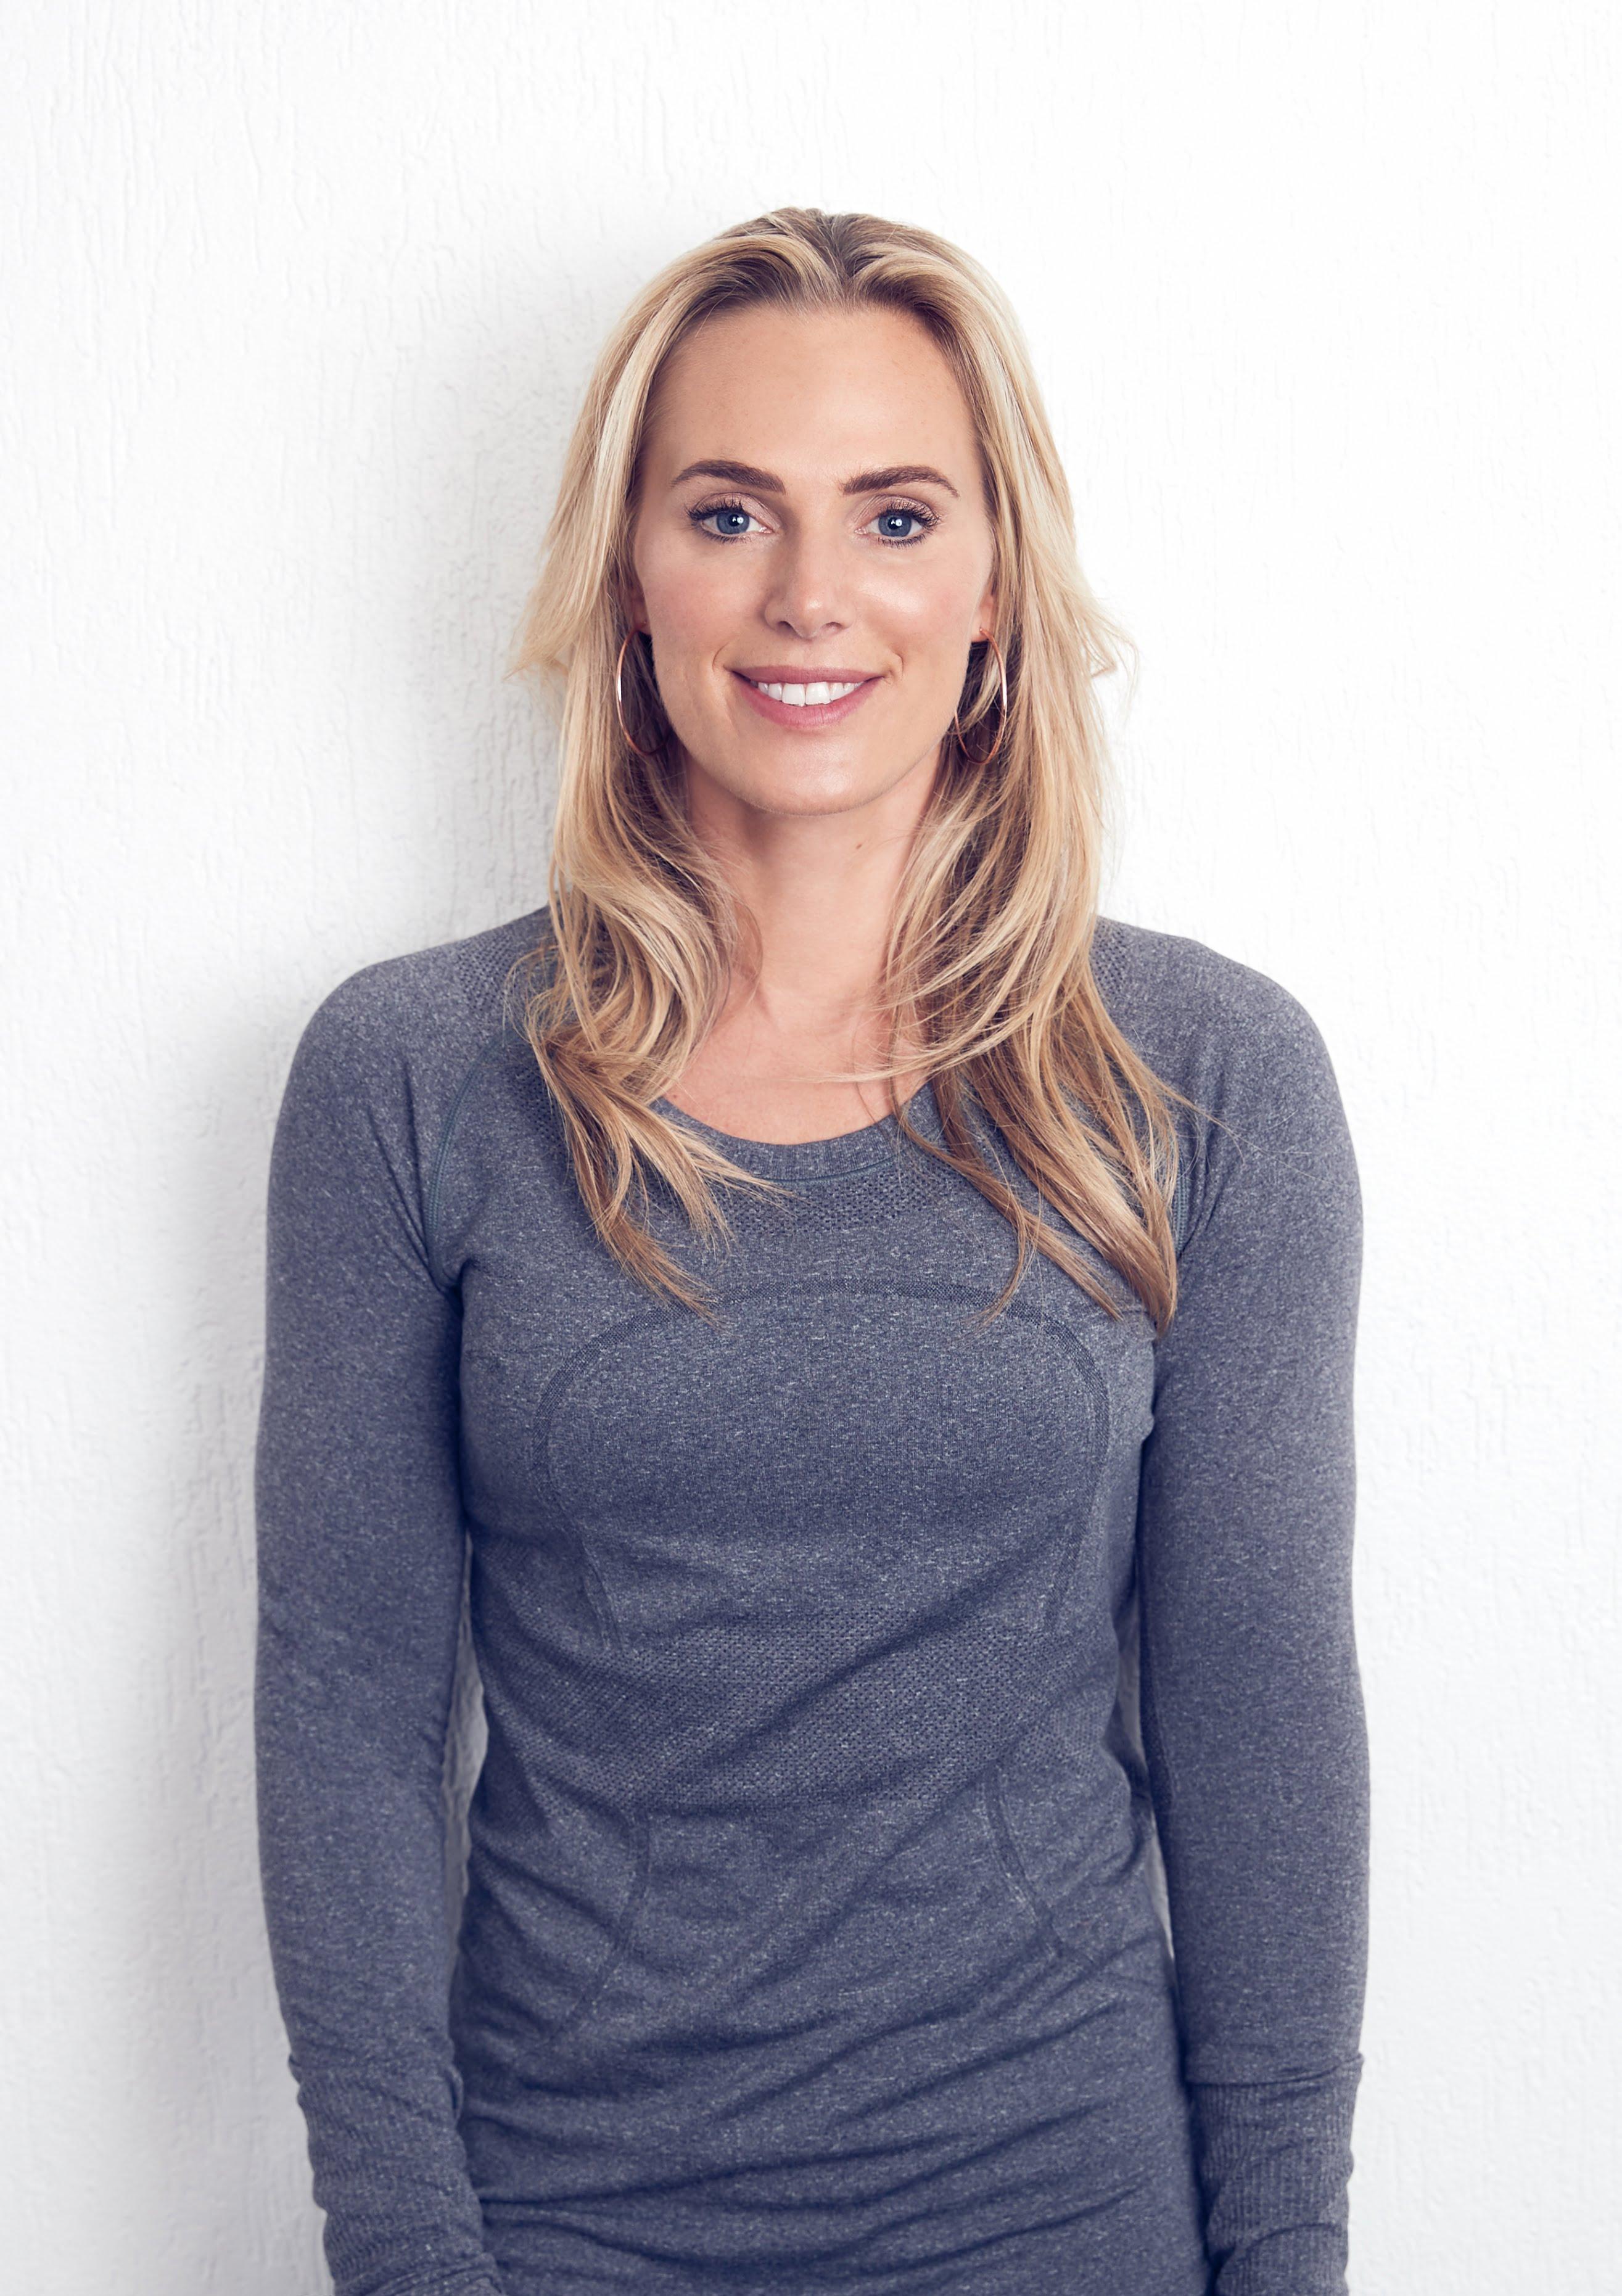 Sarah Lindsay body